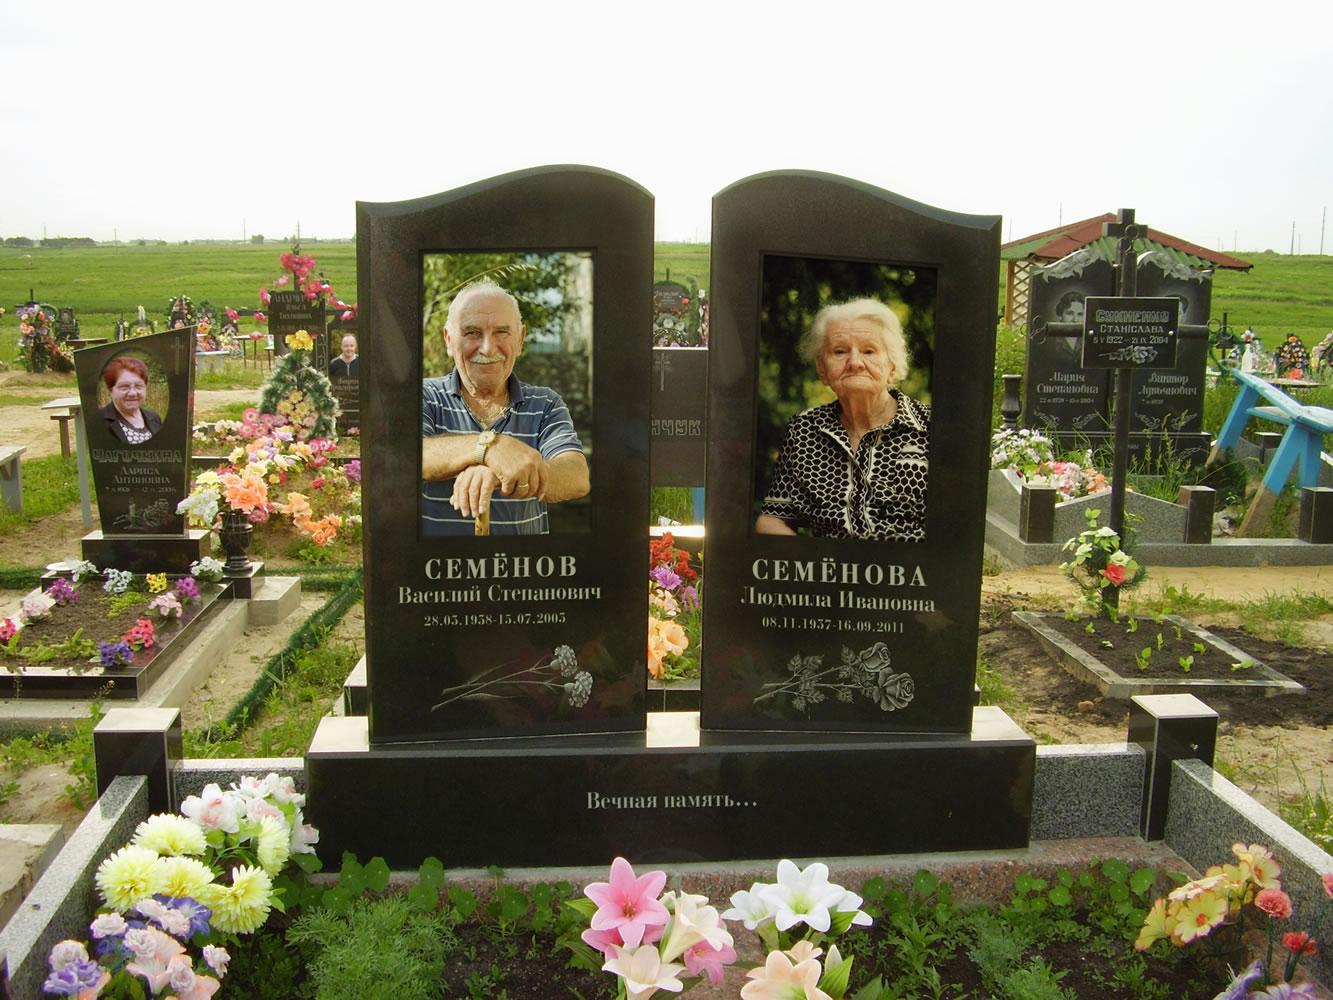 Ритуальные памятник цена услуги цены памятники на могилу фото и цены в цены акции